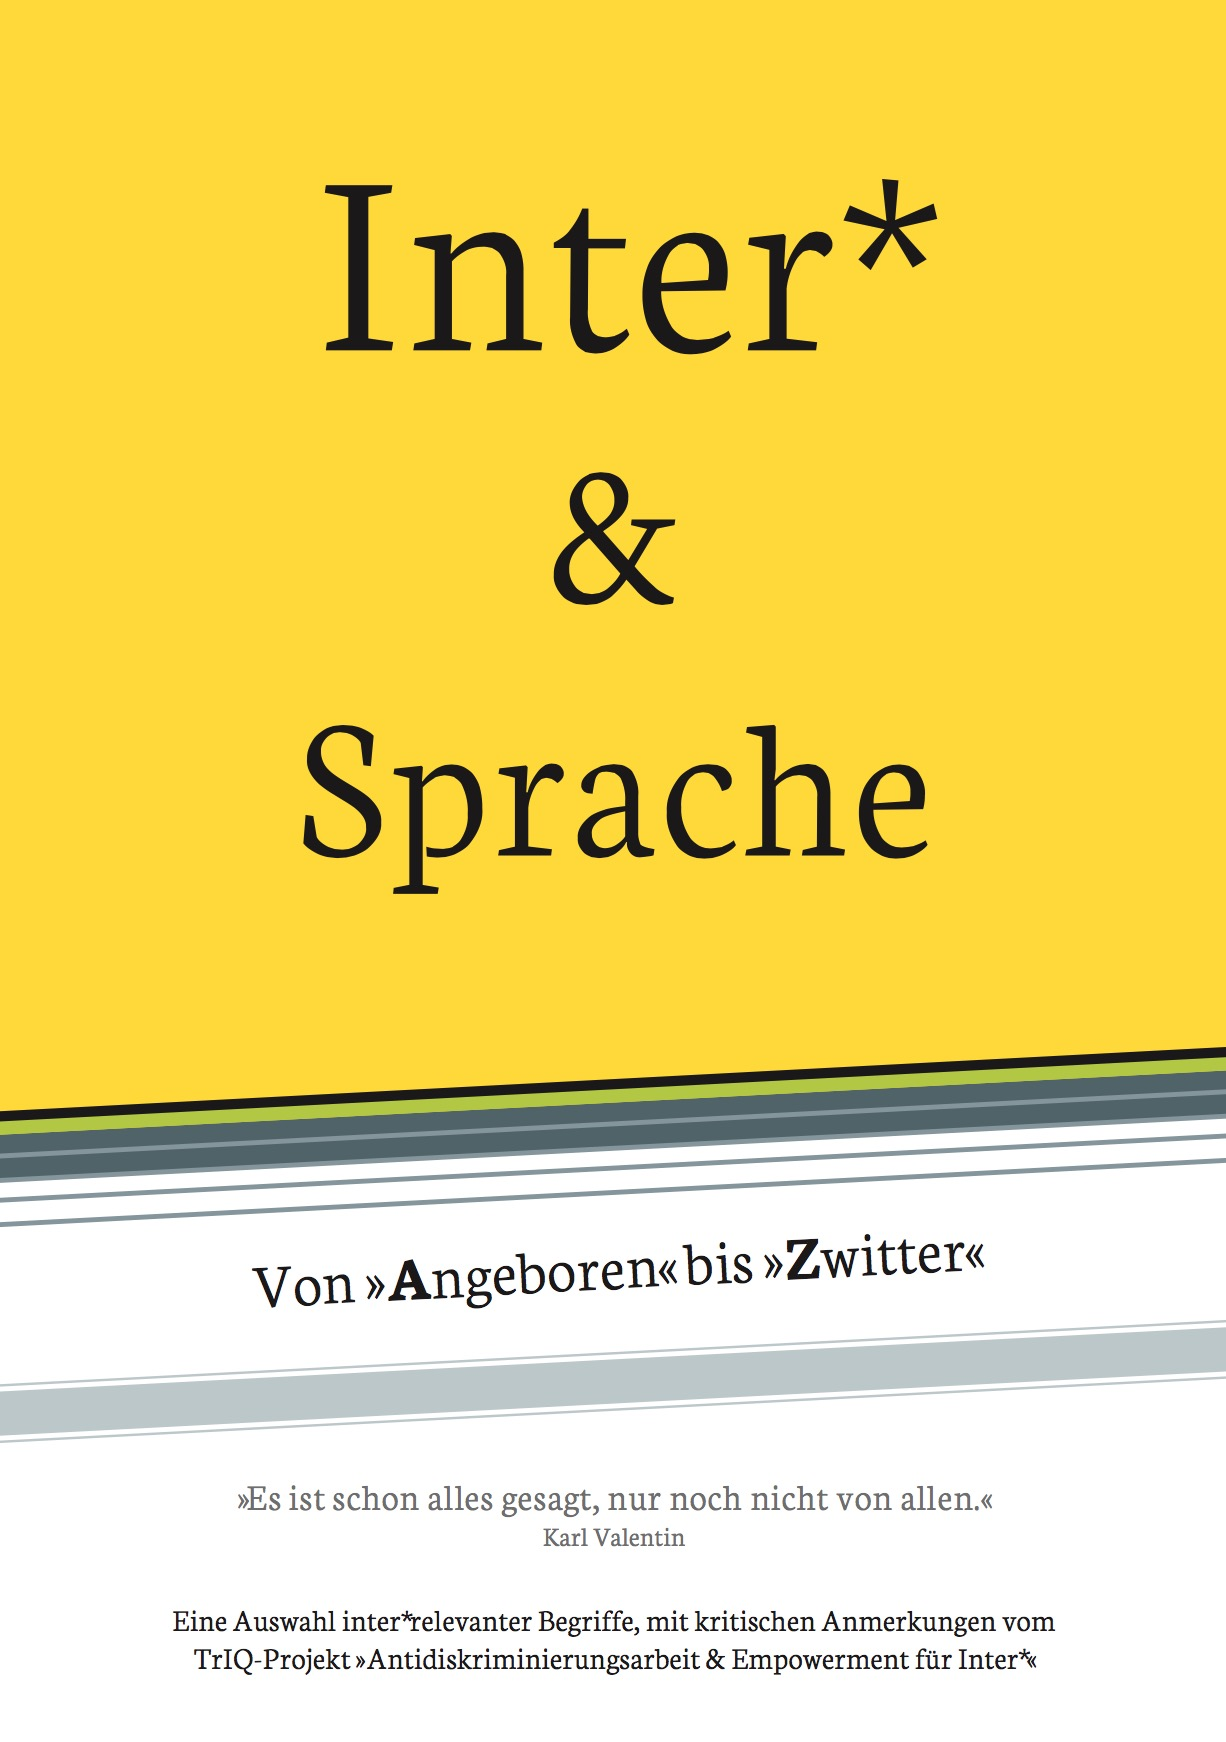 Inter und Sprache Broschuere